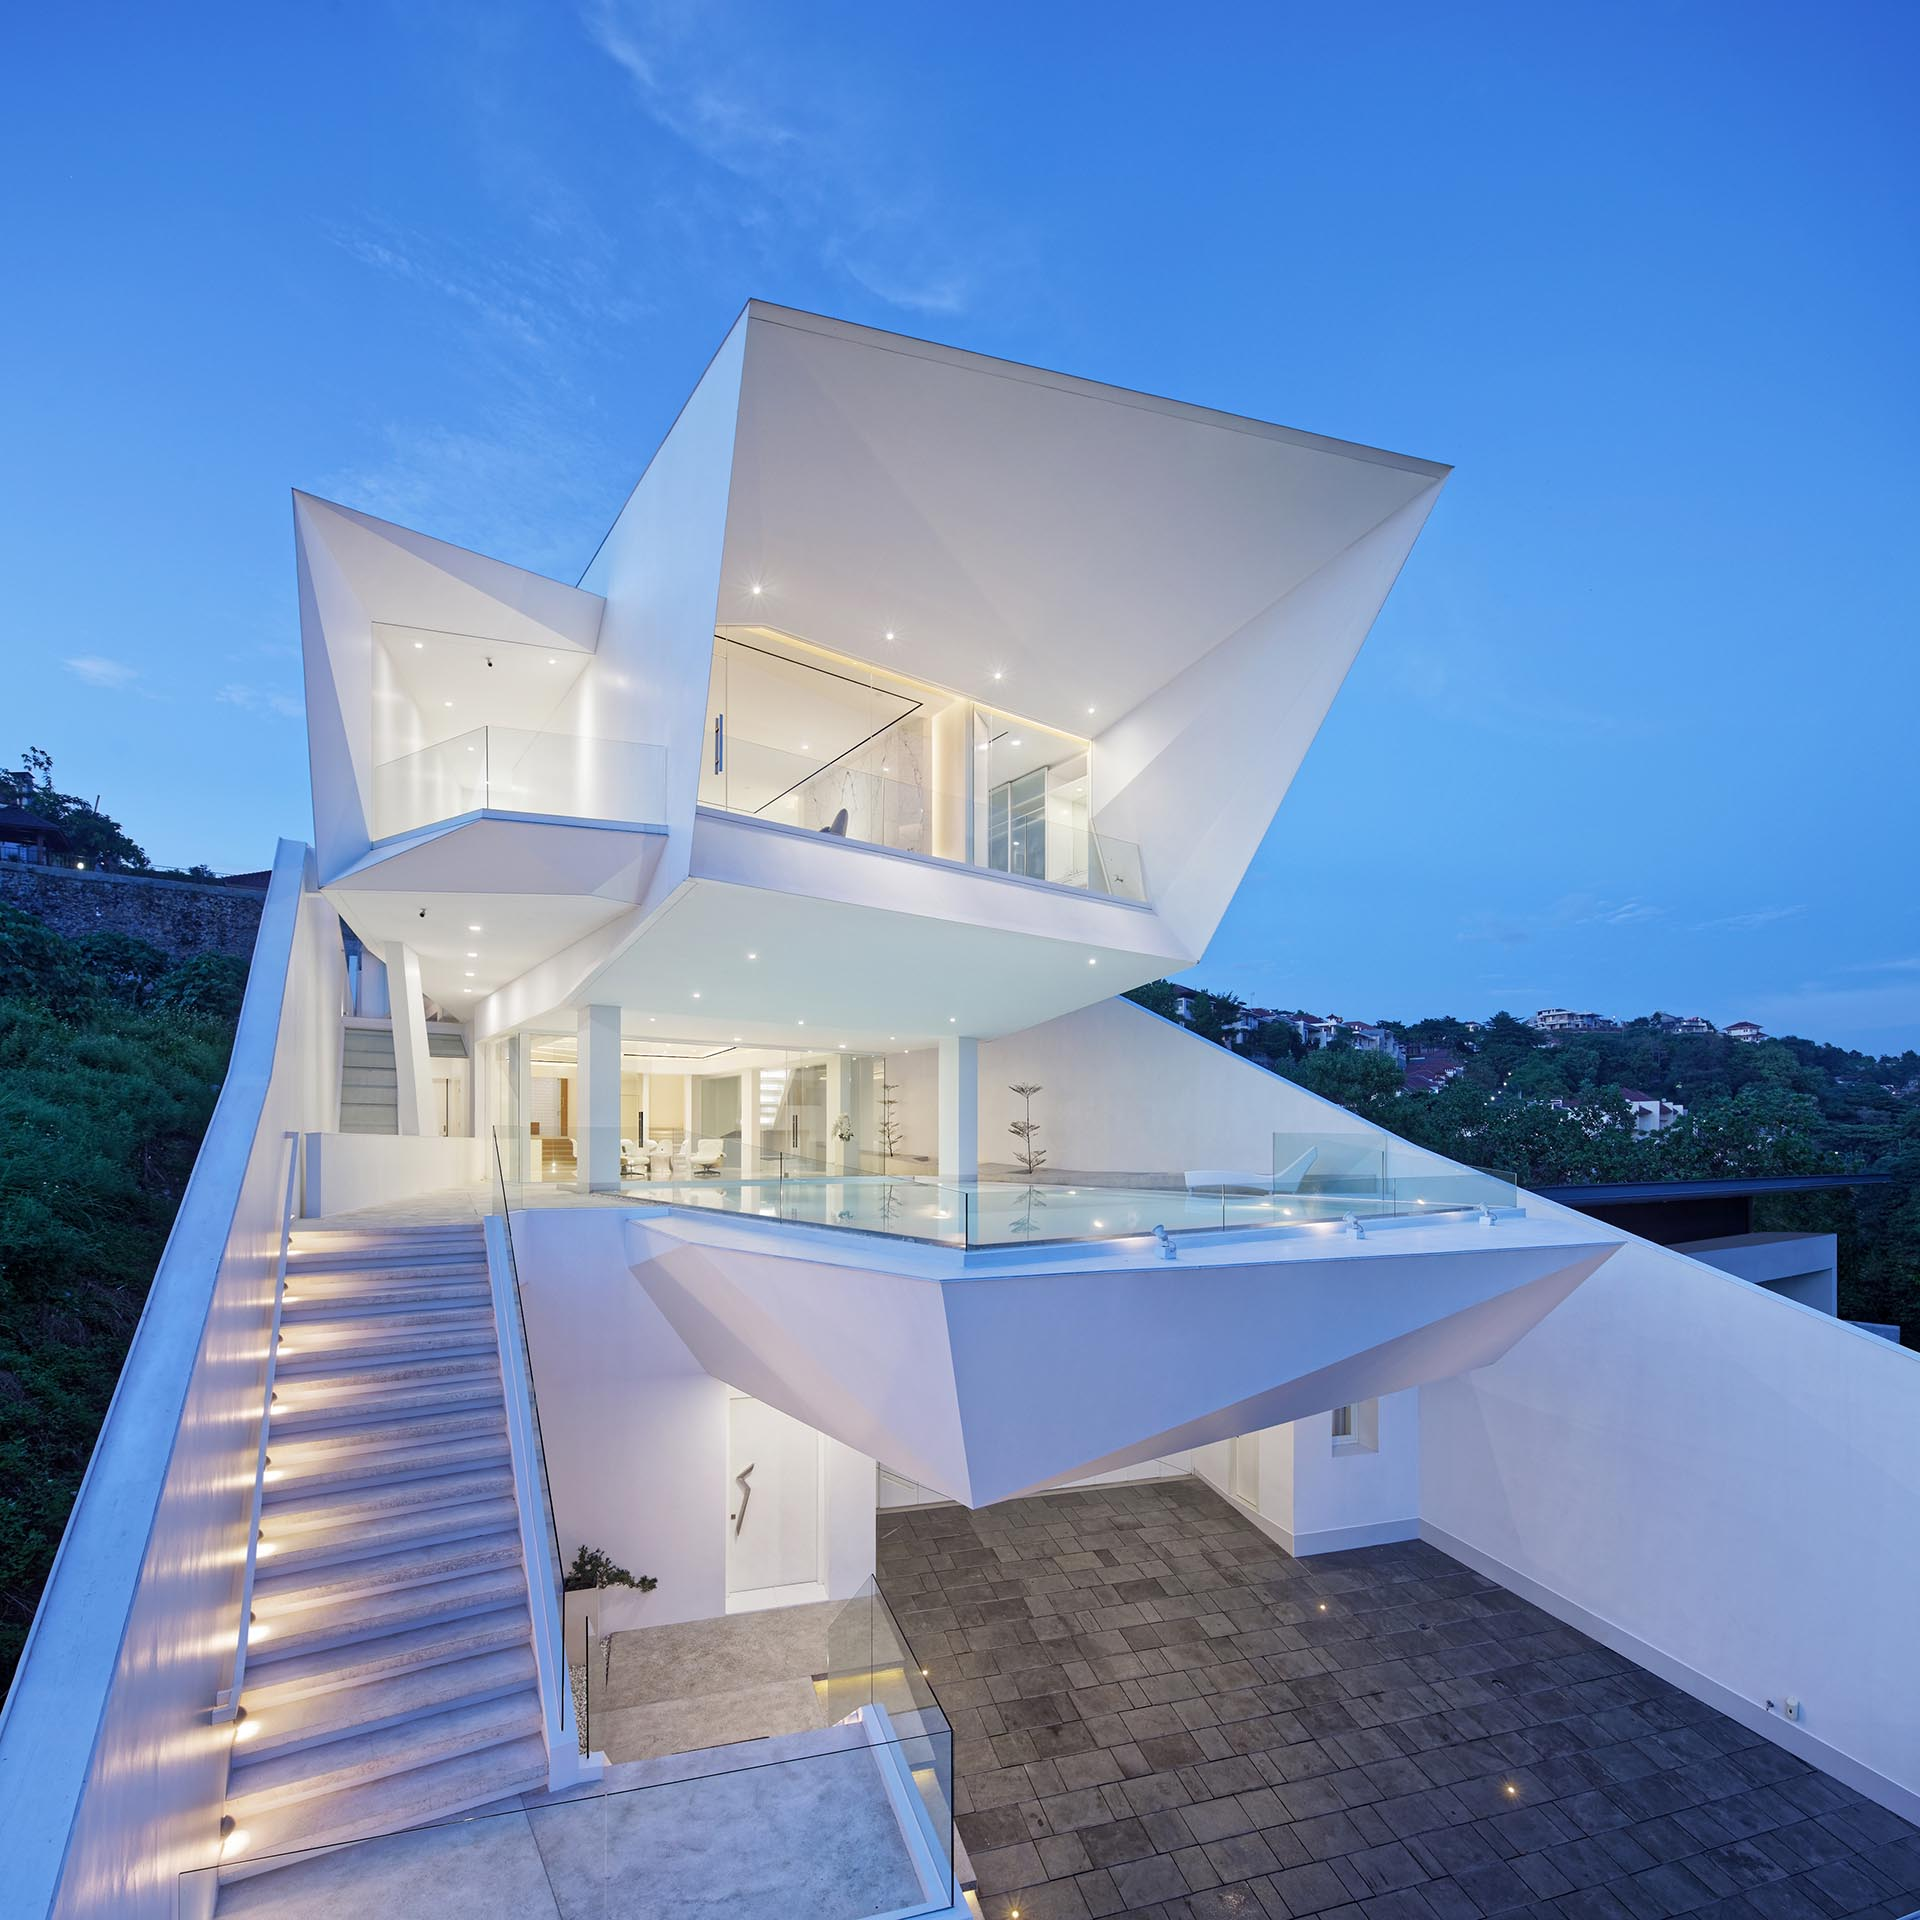 A modern all-white house designed by Revano Satria.